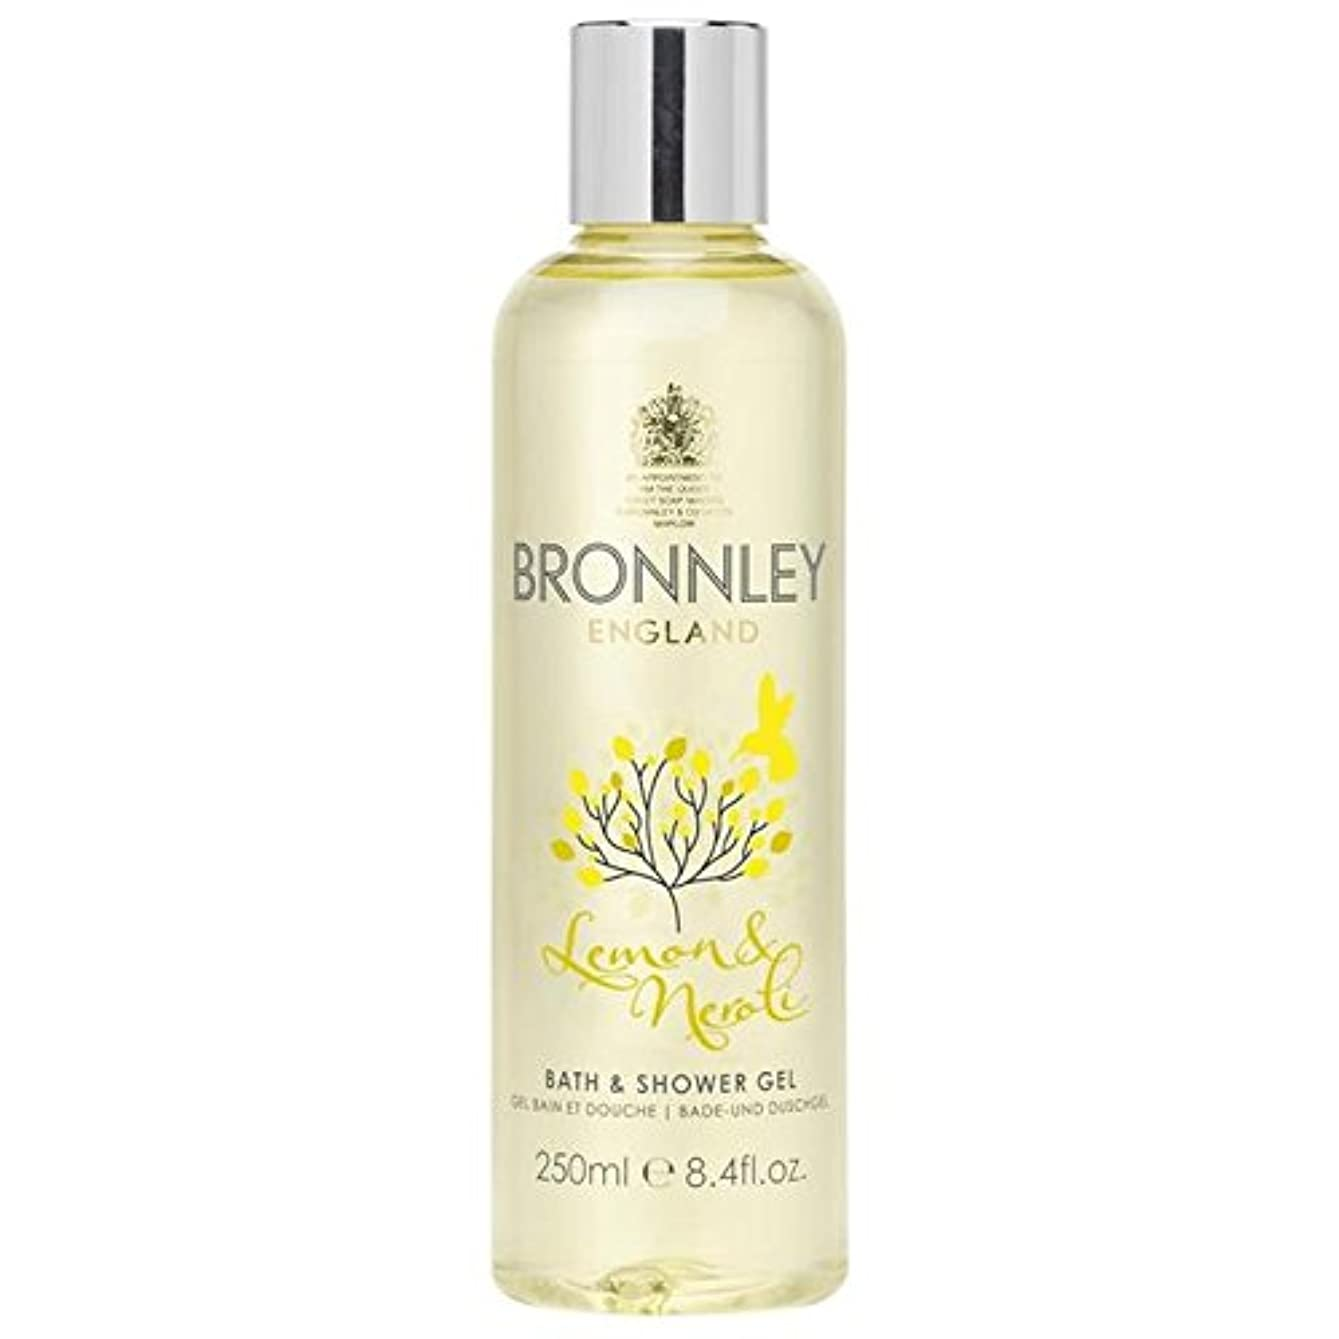 対海上不健全Bronnley Lemon & Neroli Bath & Shower Gel 250ml - レモン&ネロリバス&シャワージェル250ミリリットル [並行輸入品]